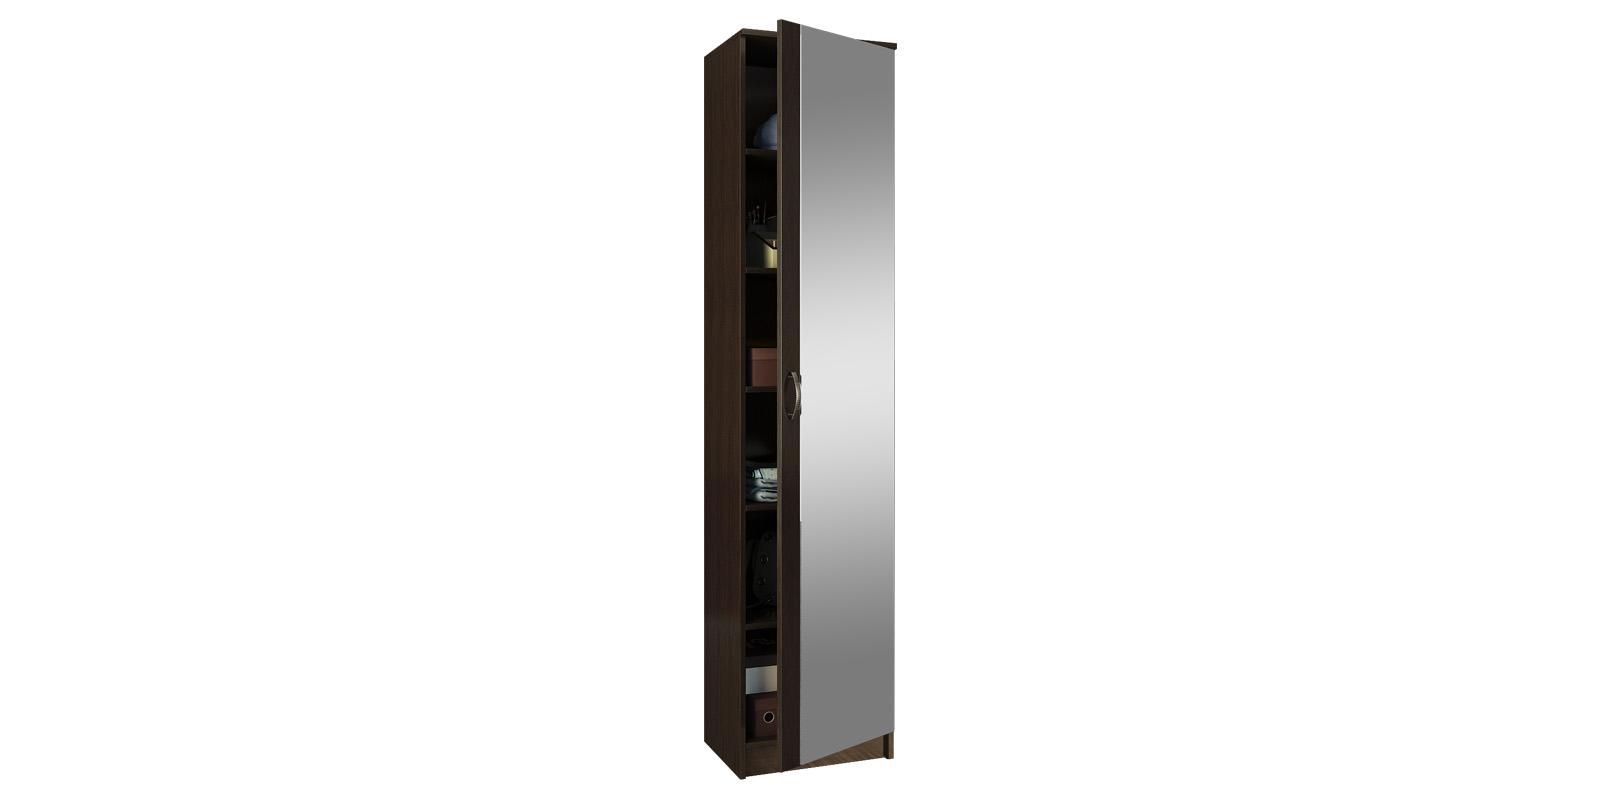 Шкаф распашной однодверный Хельга вариант №2 (венге)